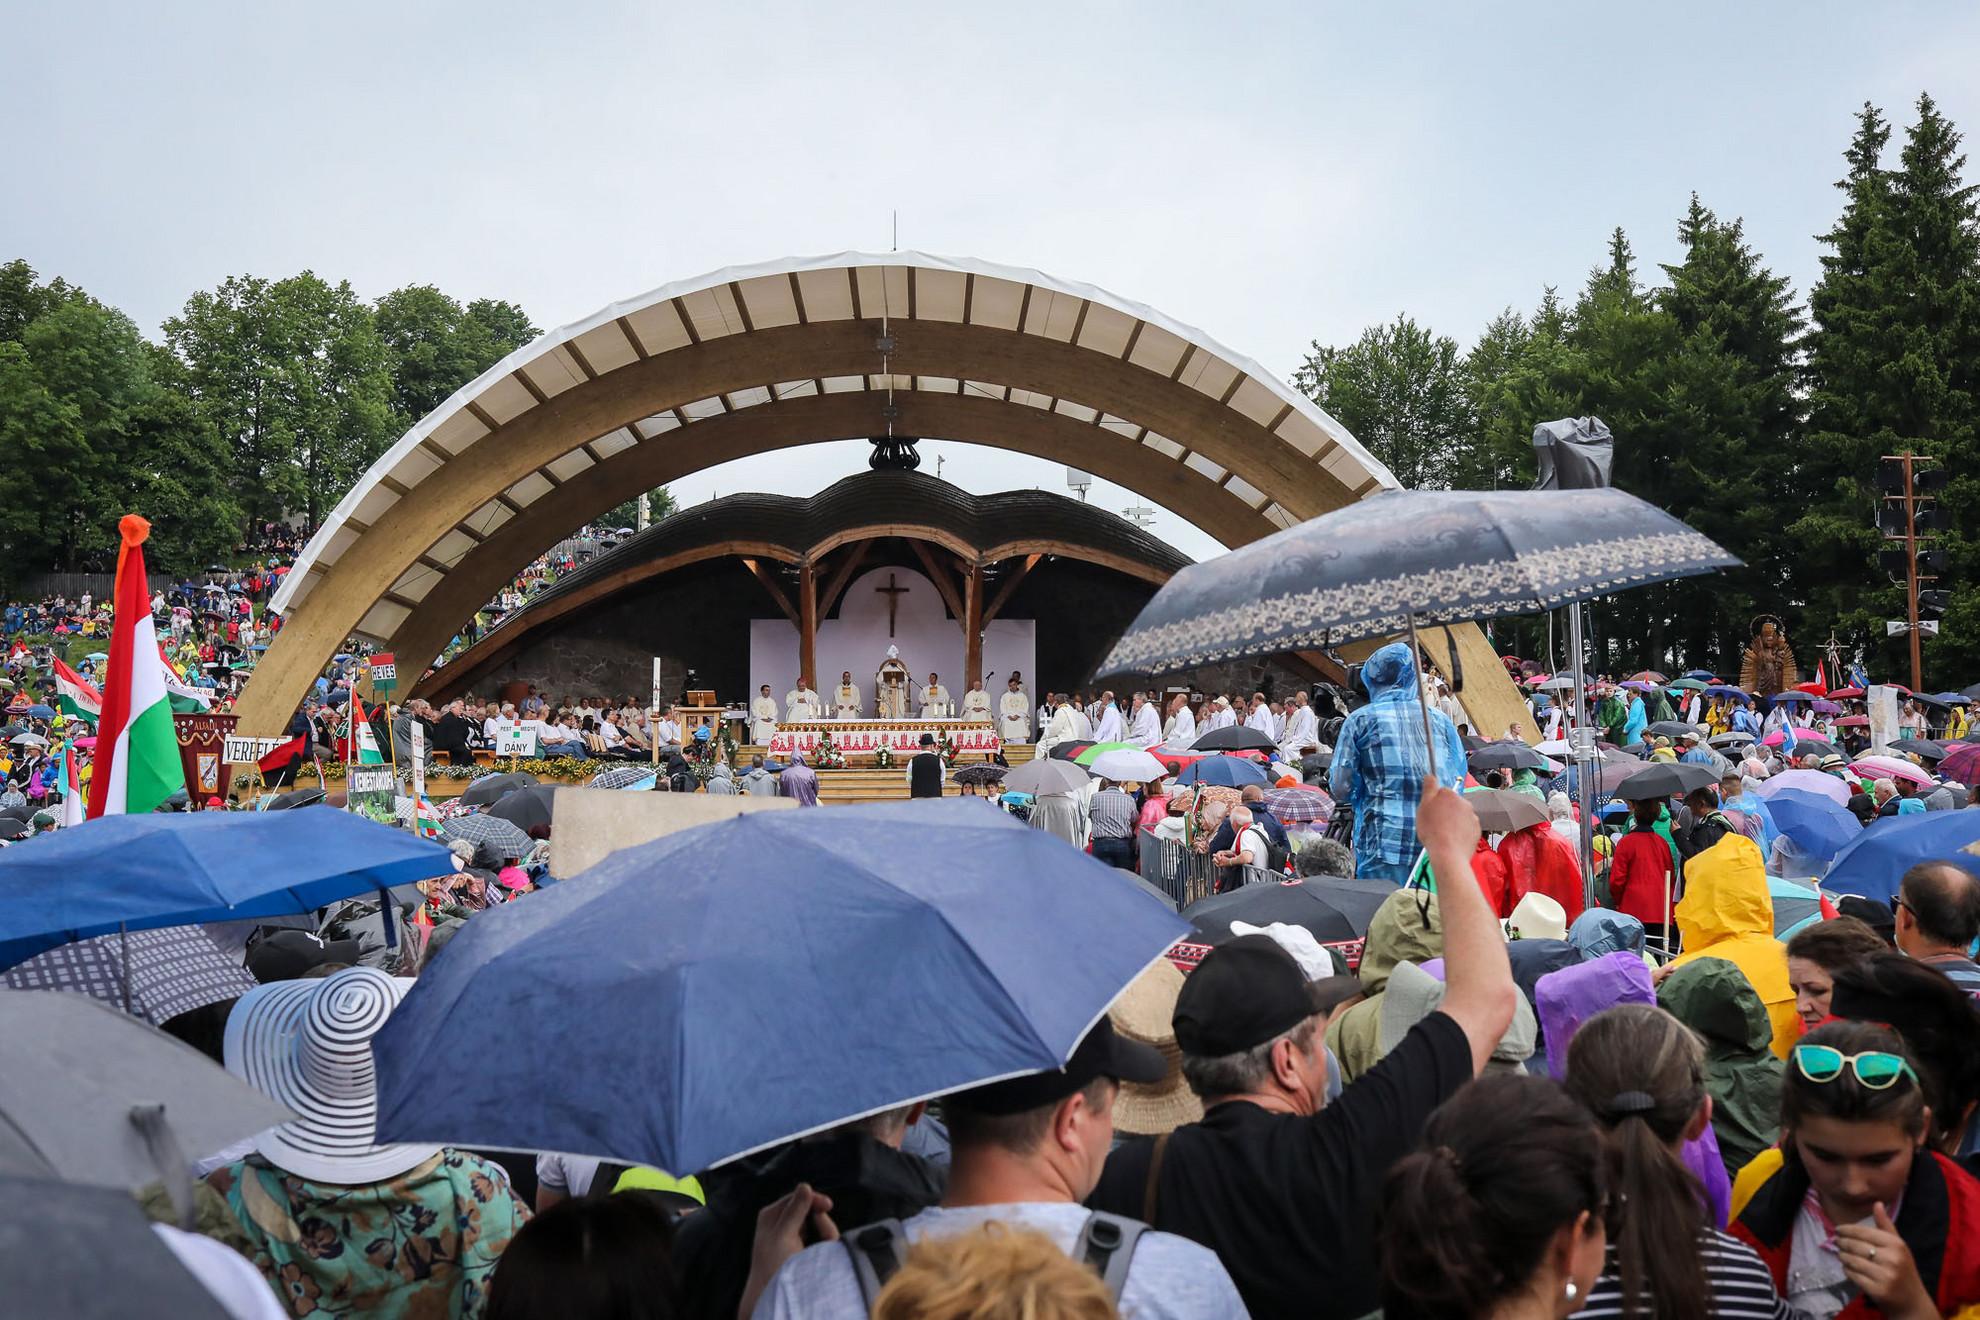 Szombaton kora reggel több mint ezer zarándokkal megérkezett Csíkszeredába a Boldogasszonyról elnevezett zarándokvonat